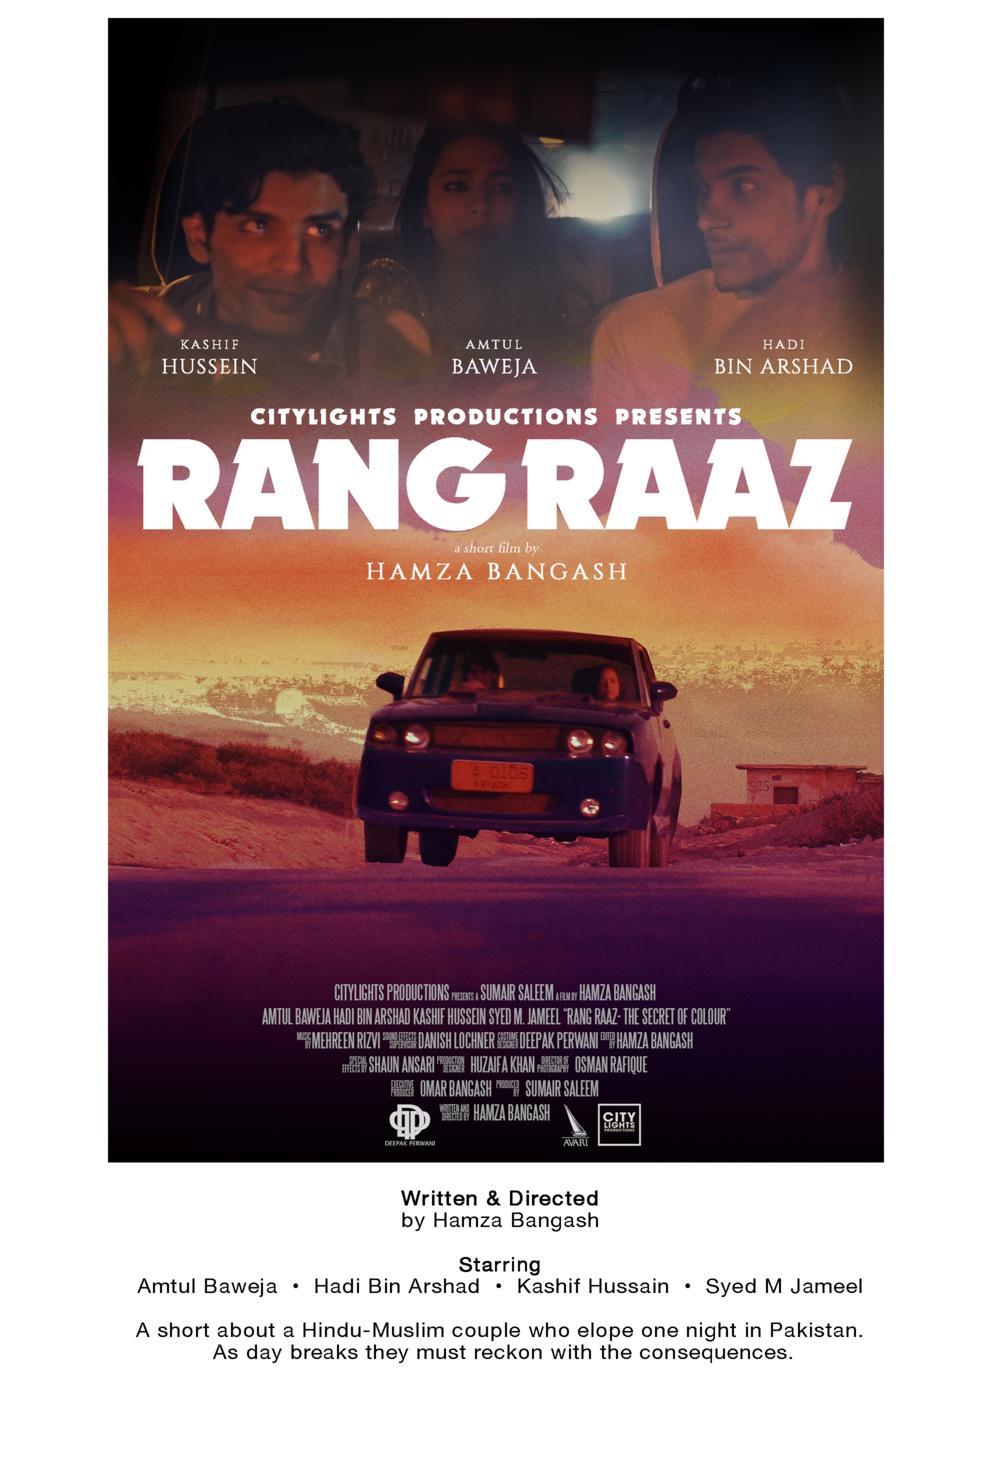 Rang Raaz